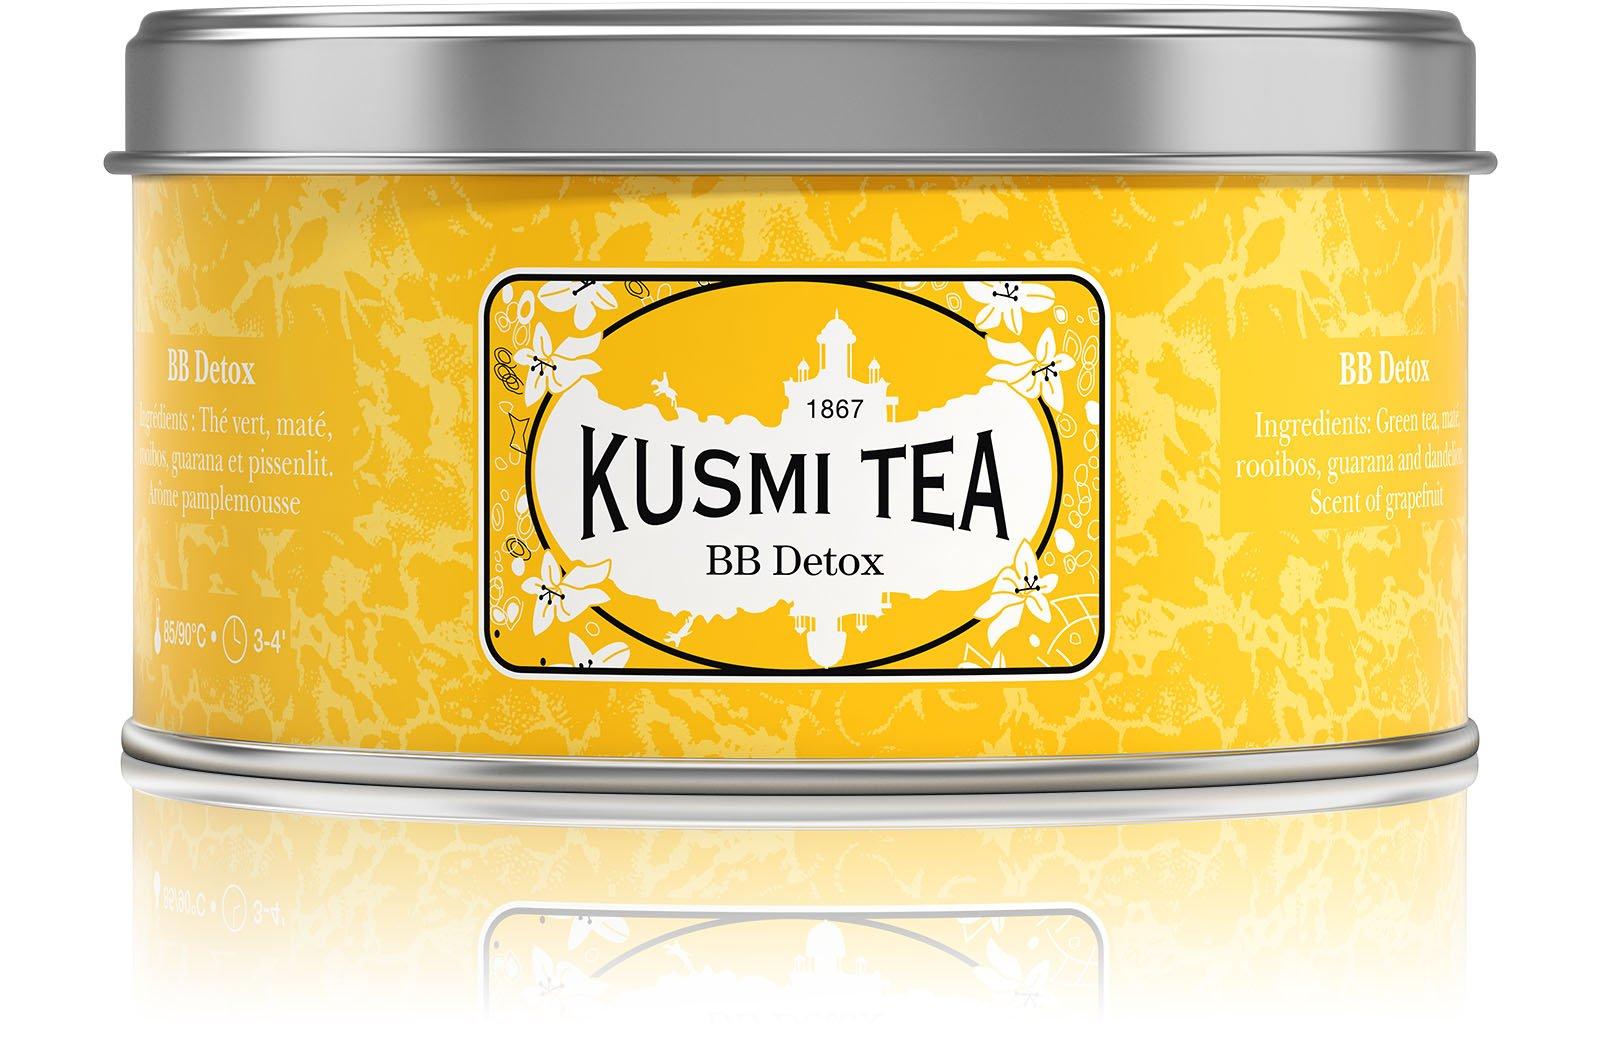 Kusmi Tea BB DETOX, 4.4 Ounce